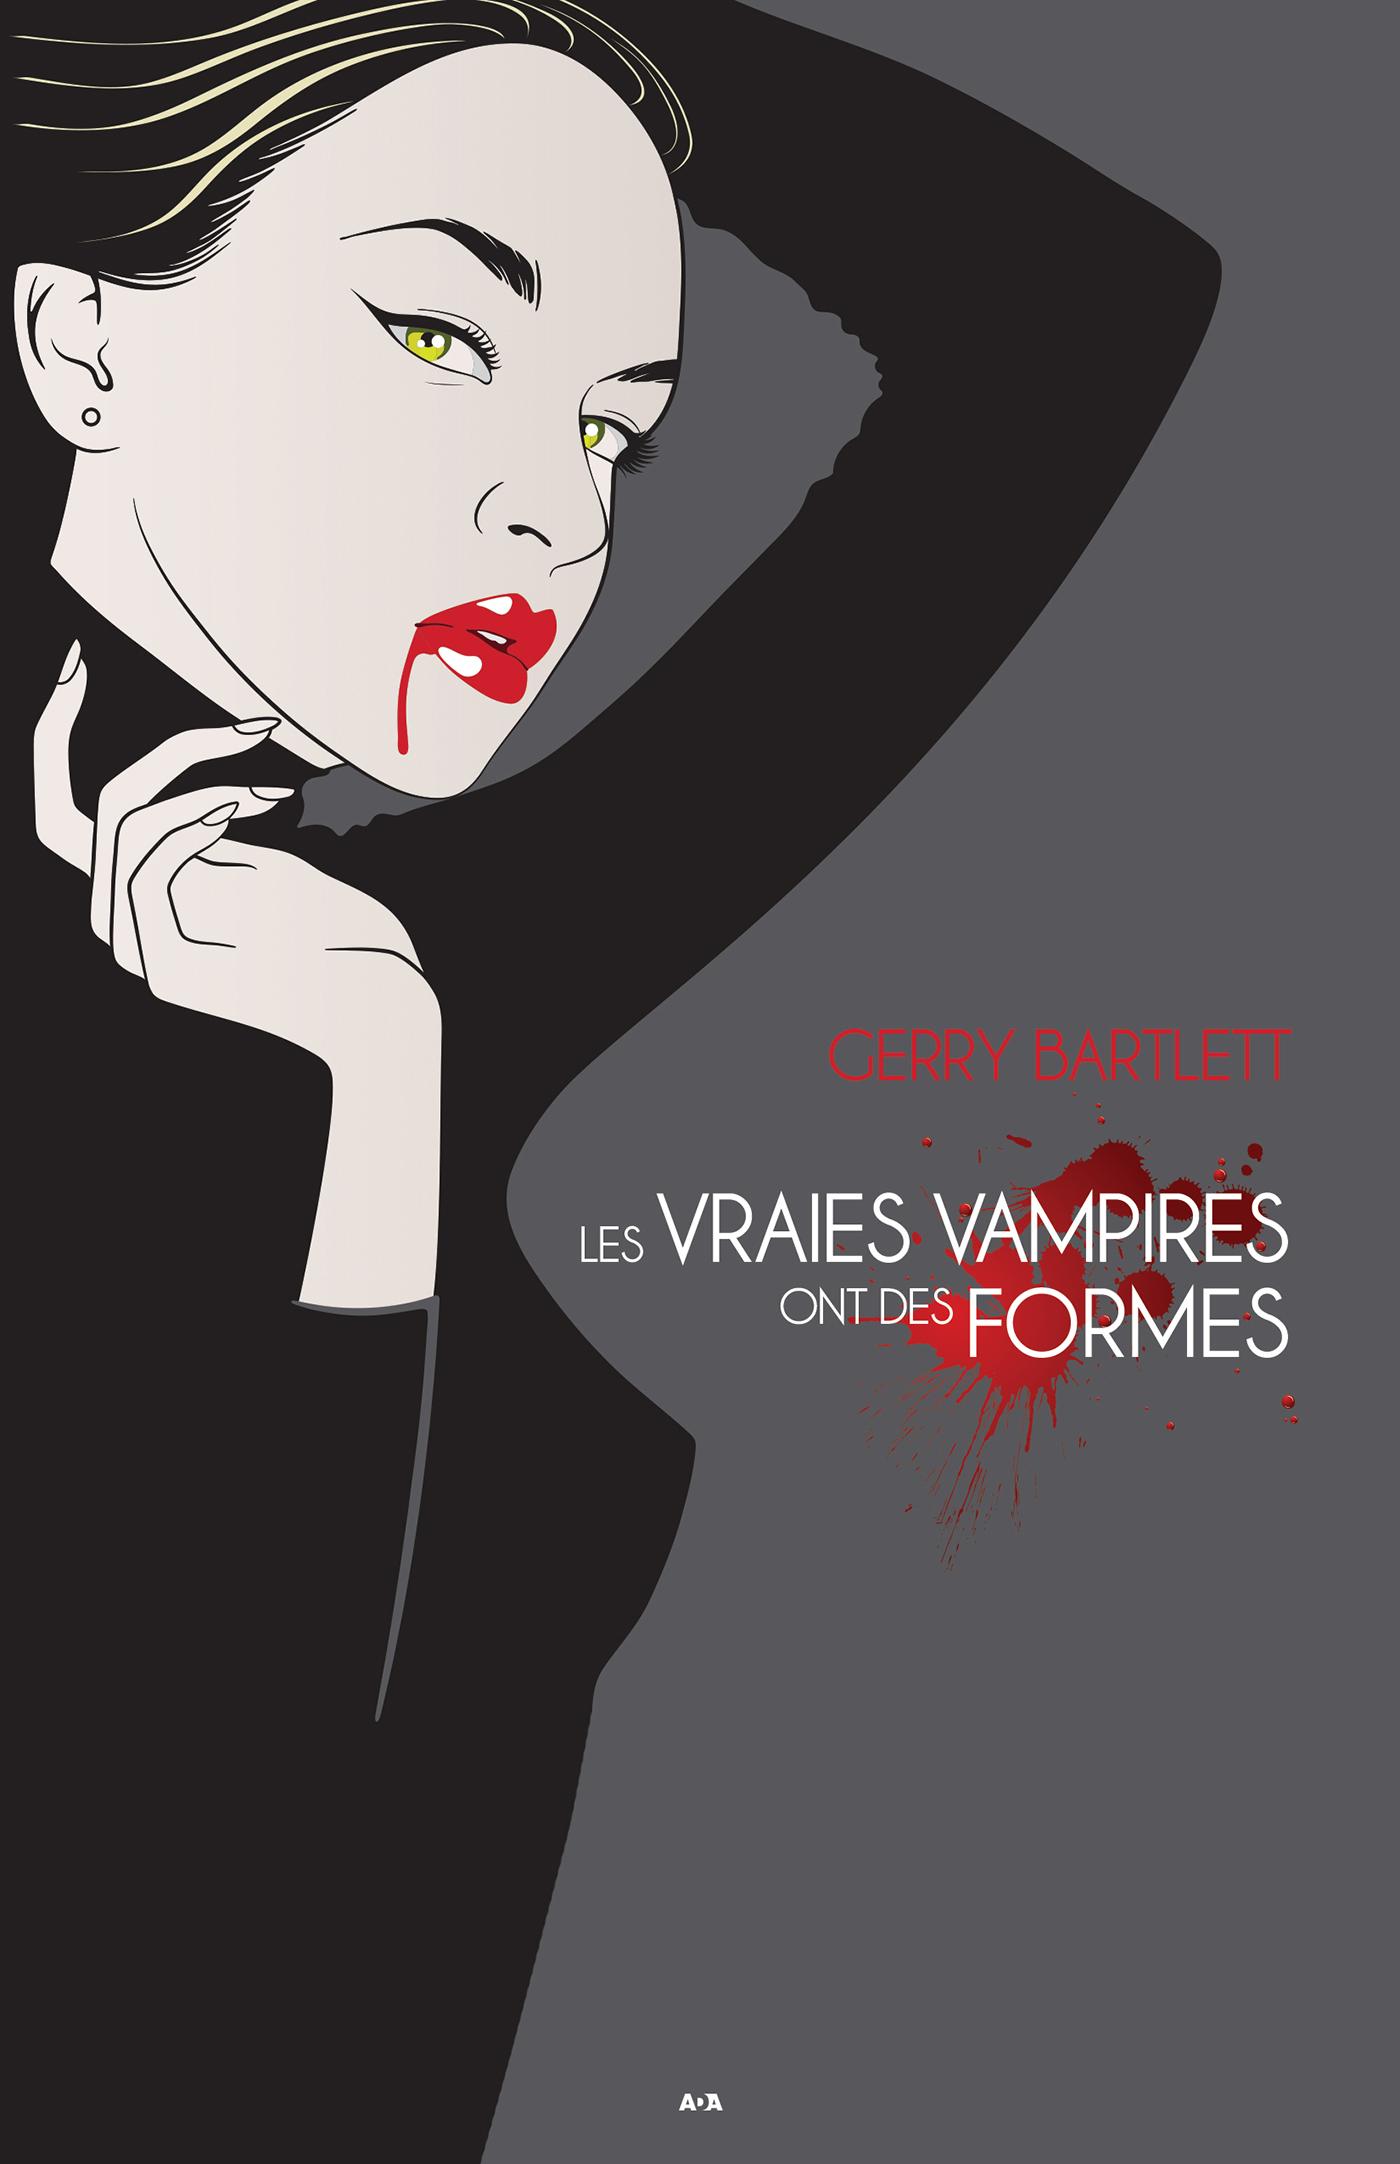 Les vraies vampires ont des formes